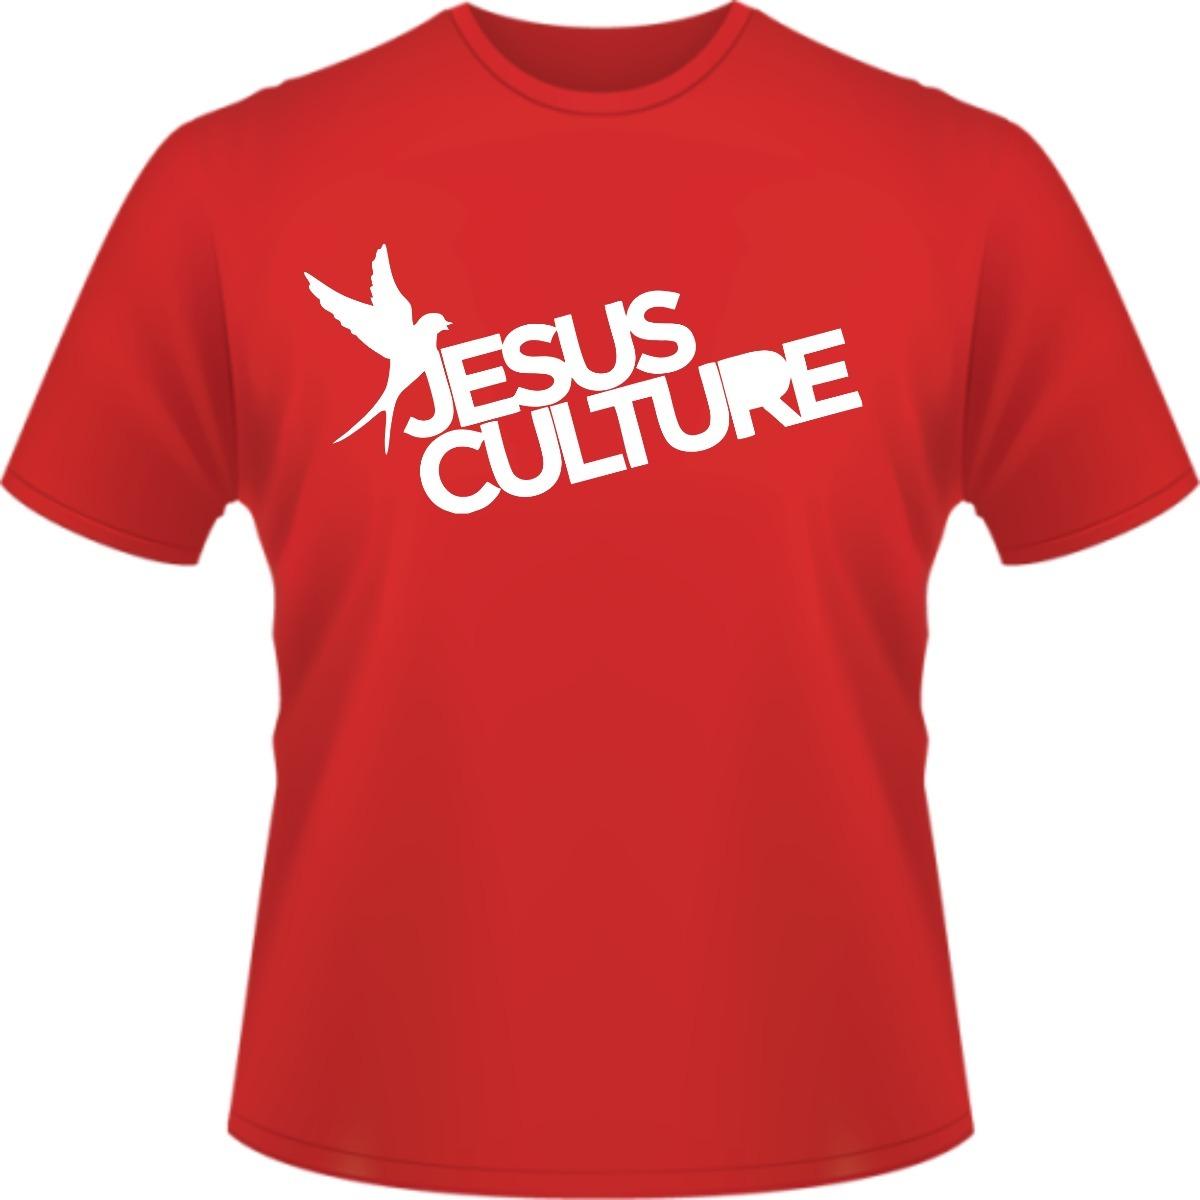 02a436edf camisetas banda gospel rock jesus culture camisa evangélica. Carregando zoom .